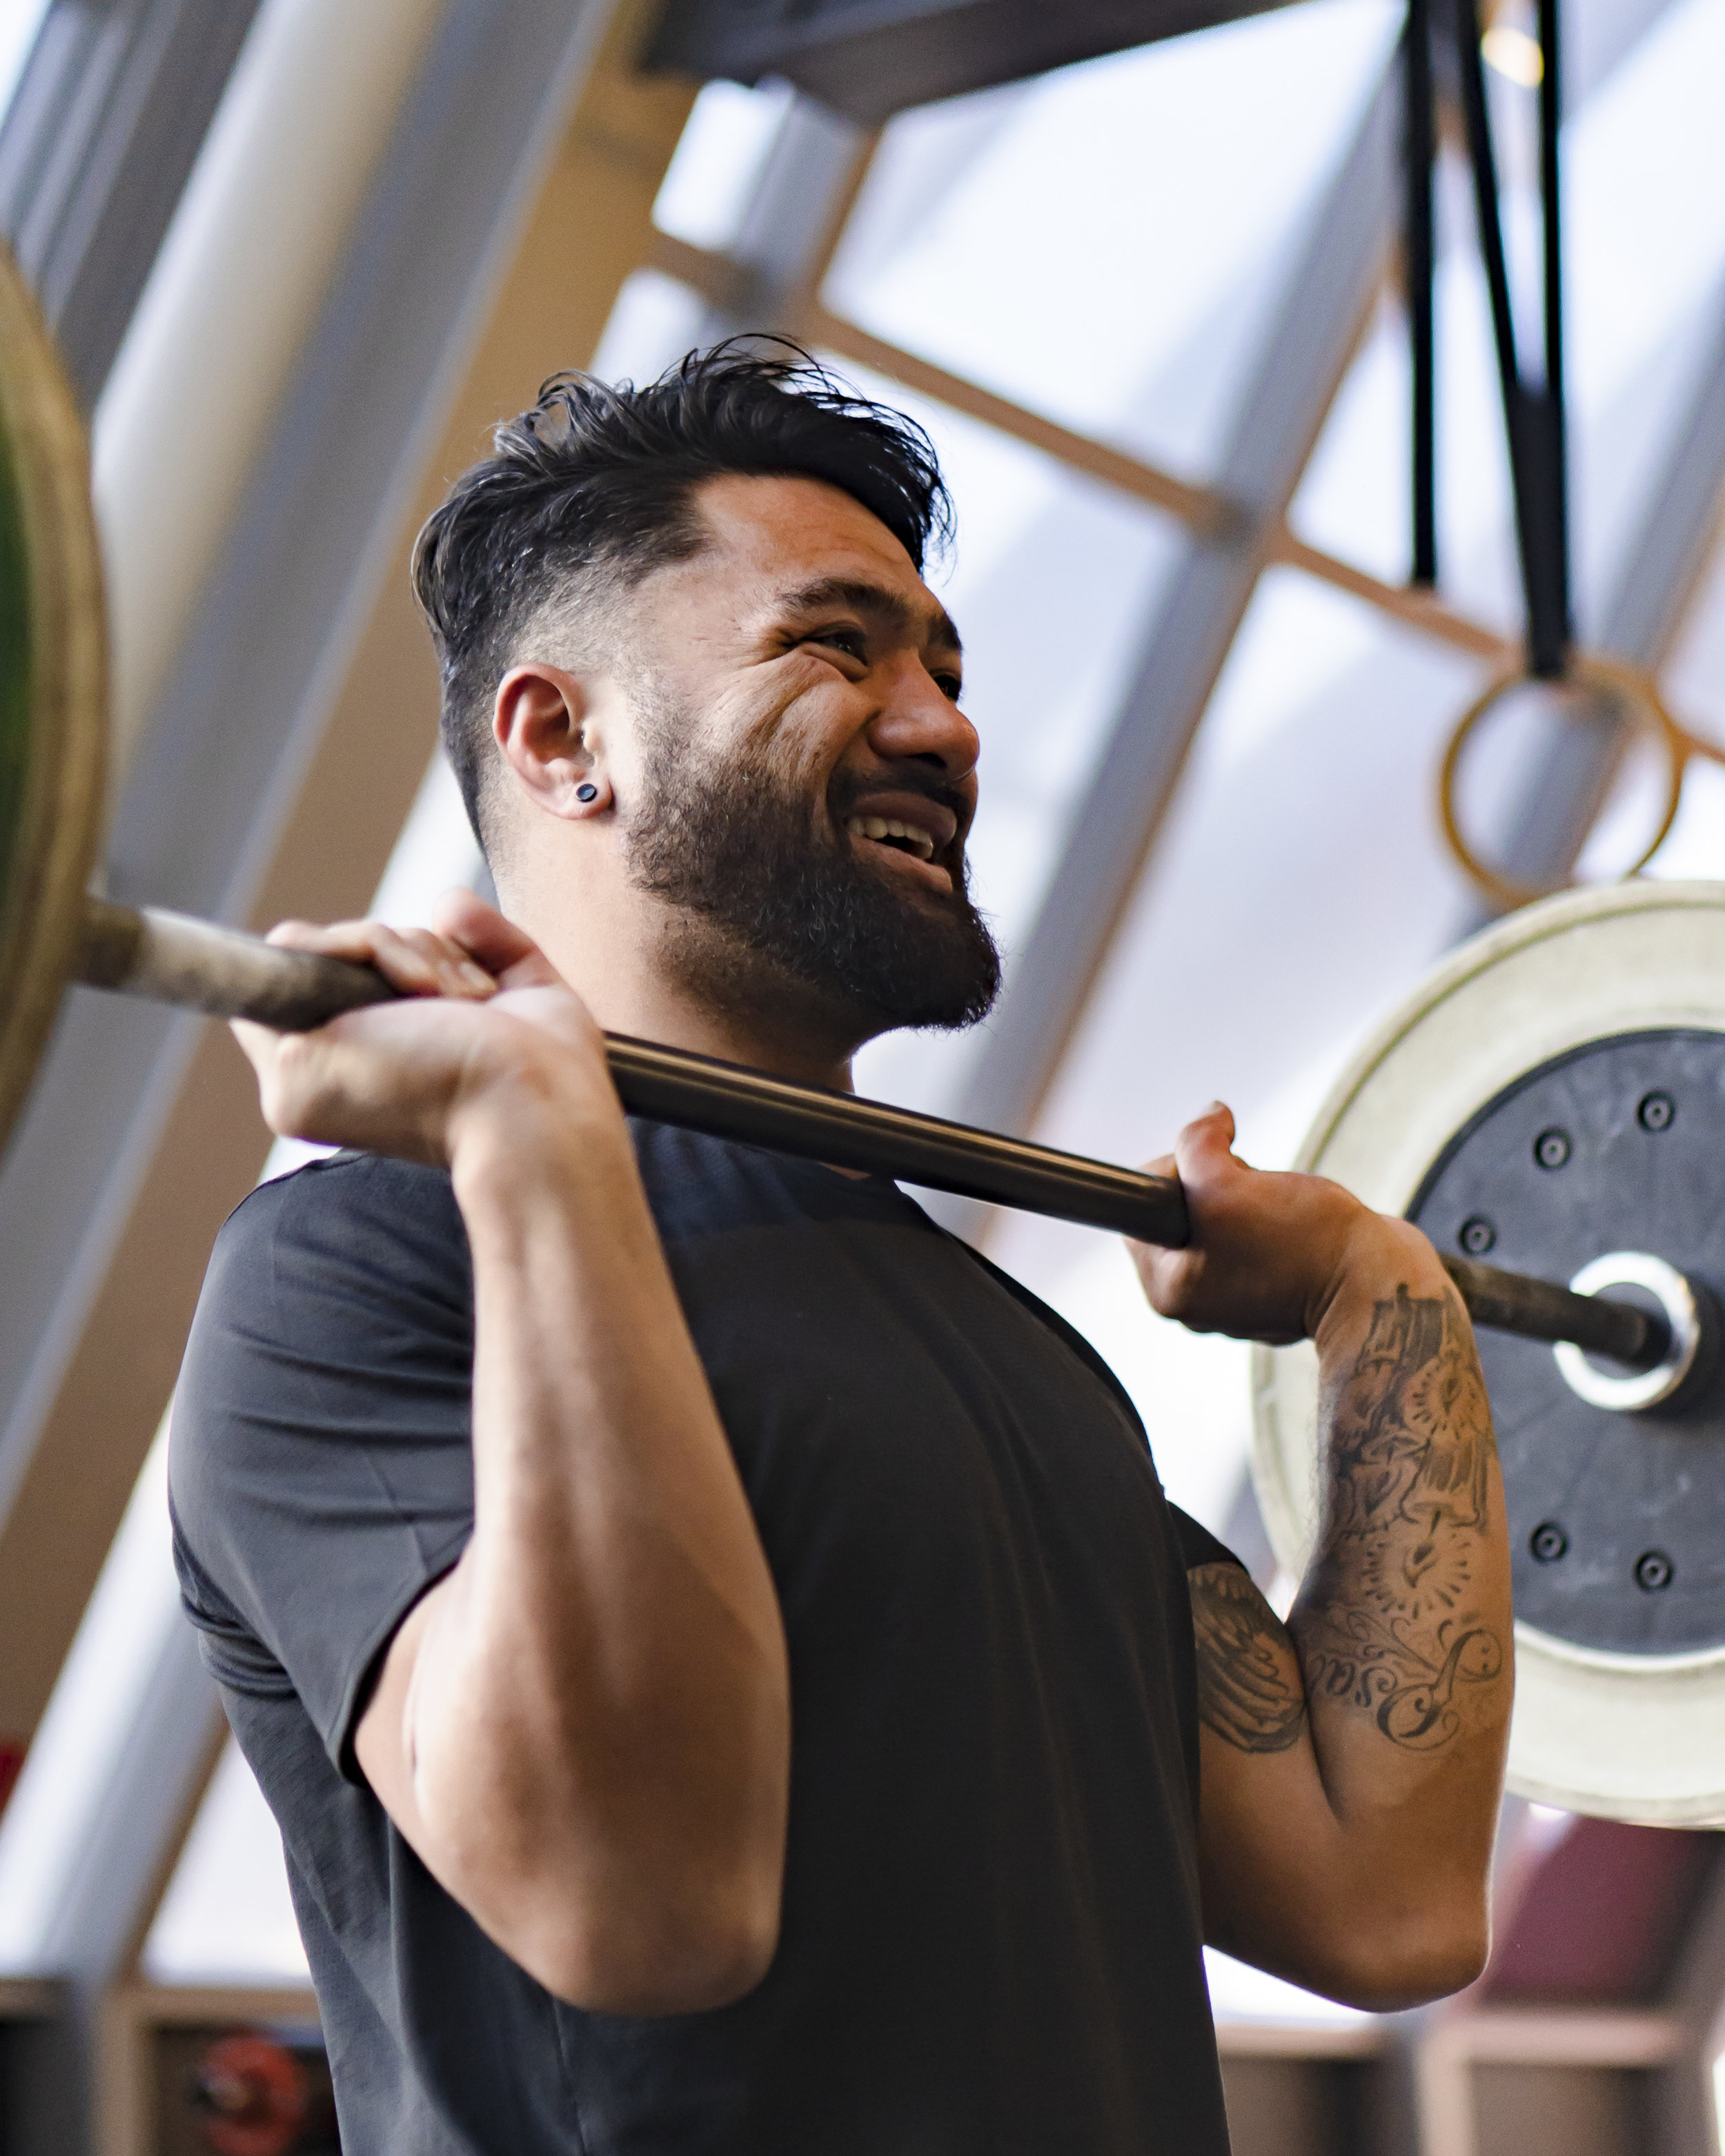 Fitness Shoot-04889.jpg